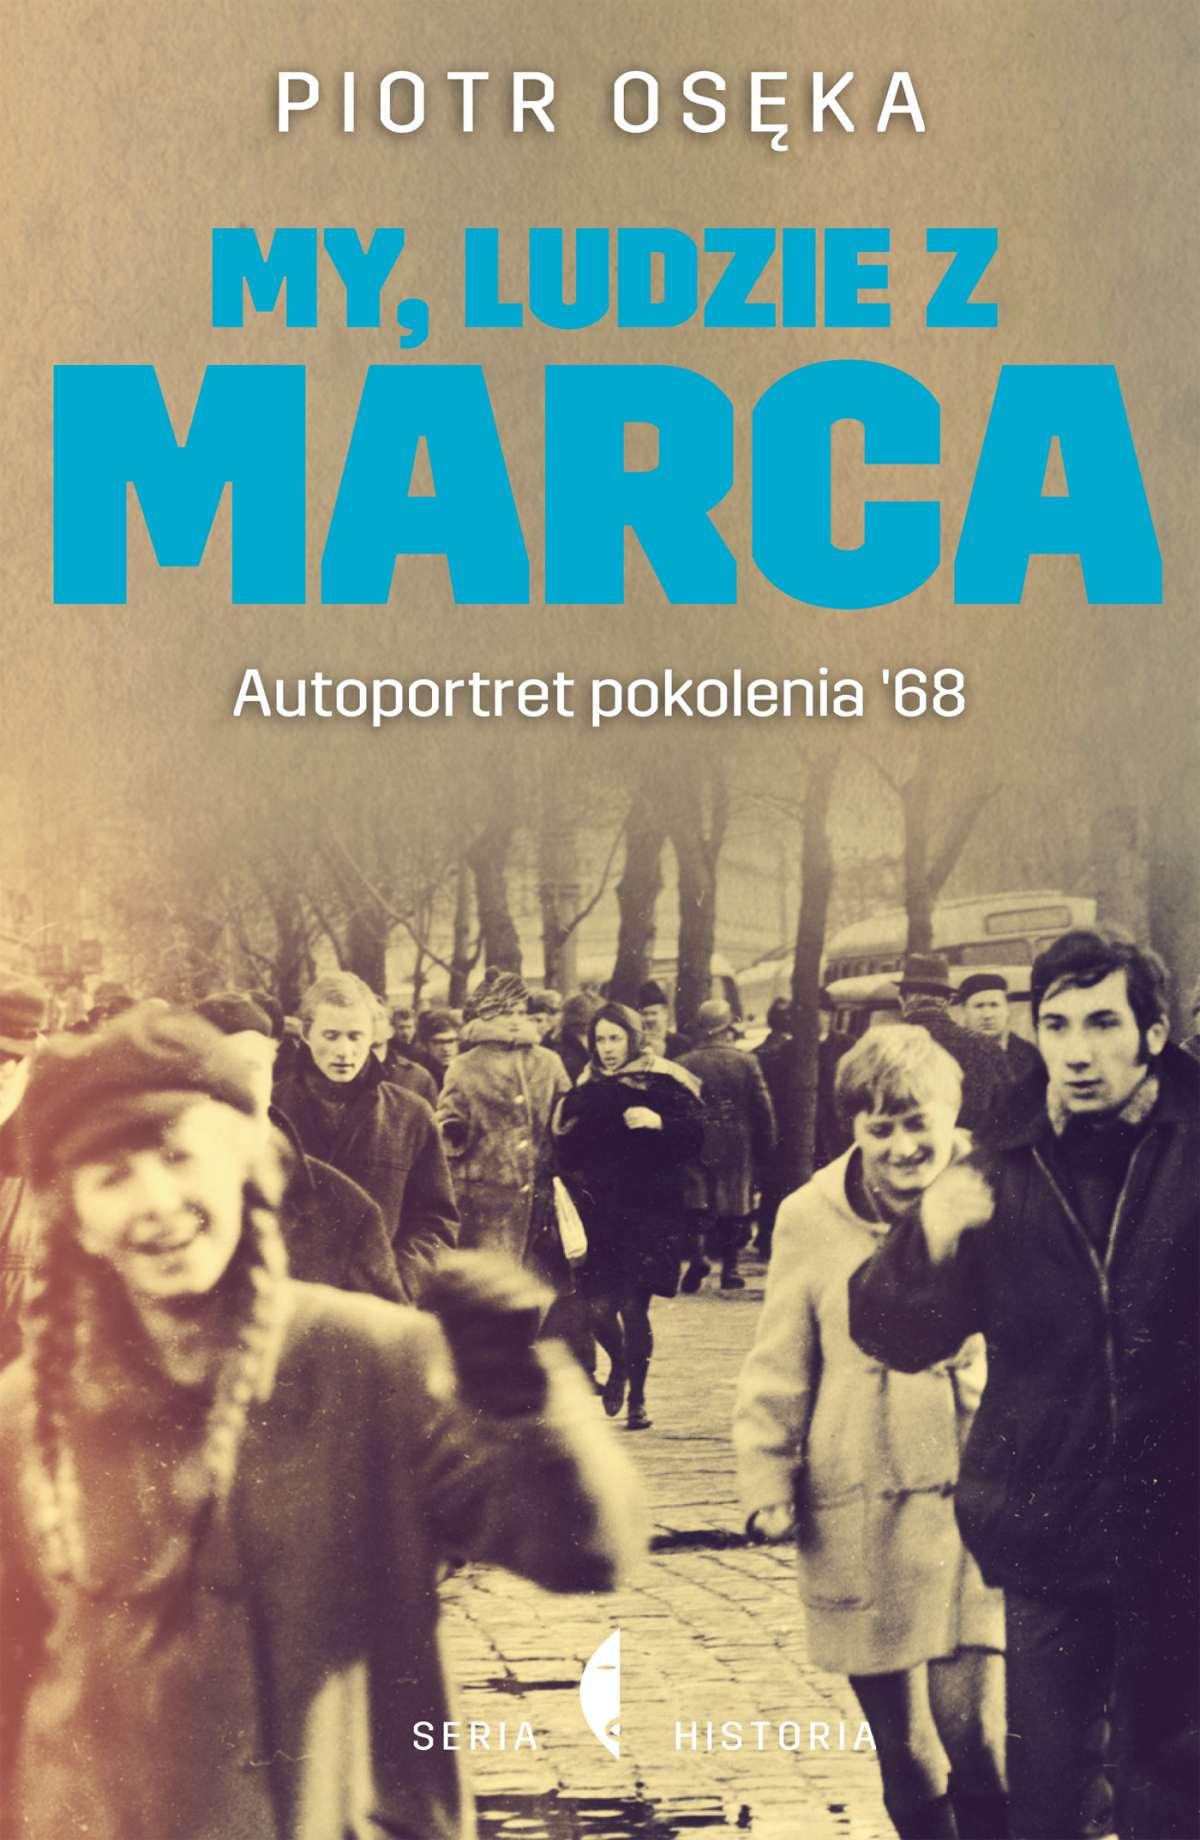 My, ludzie z Marca - Ebook (Książka EPUB) do pobrania w formacie EPUB